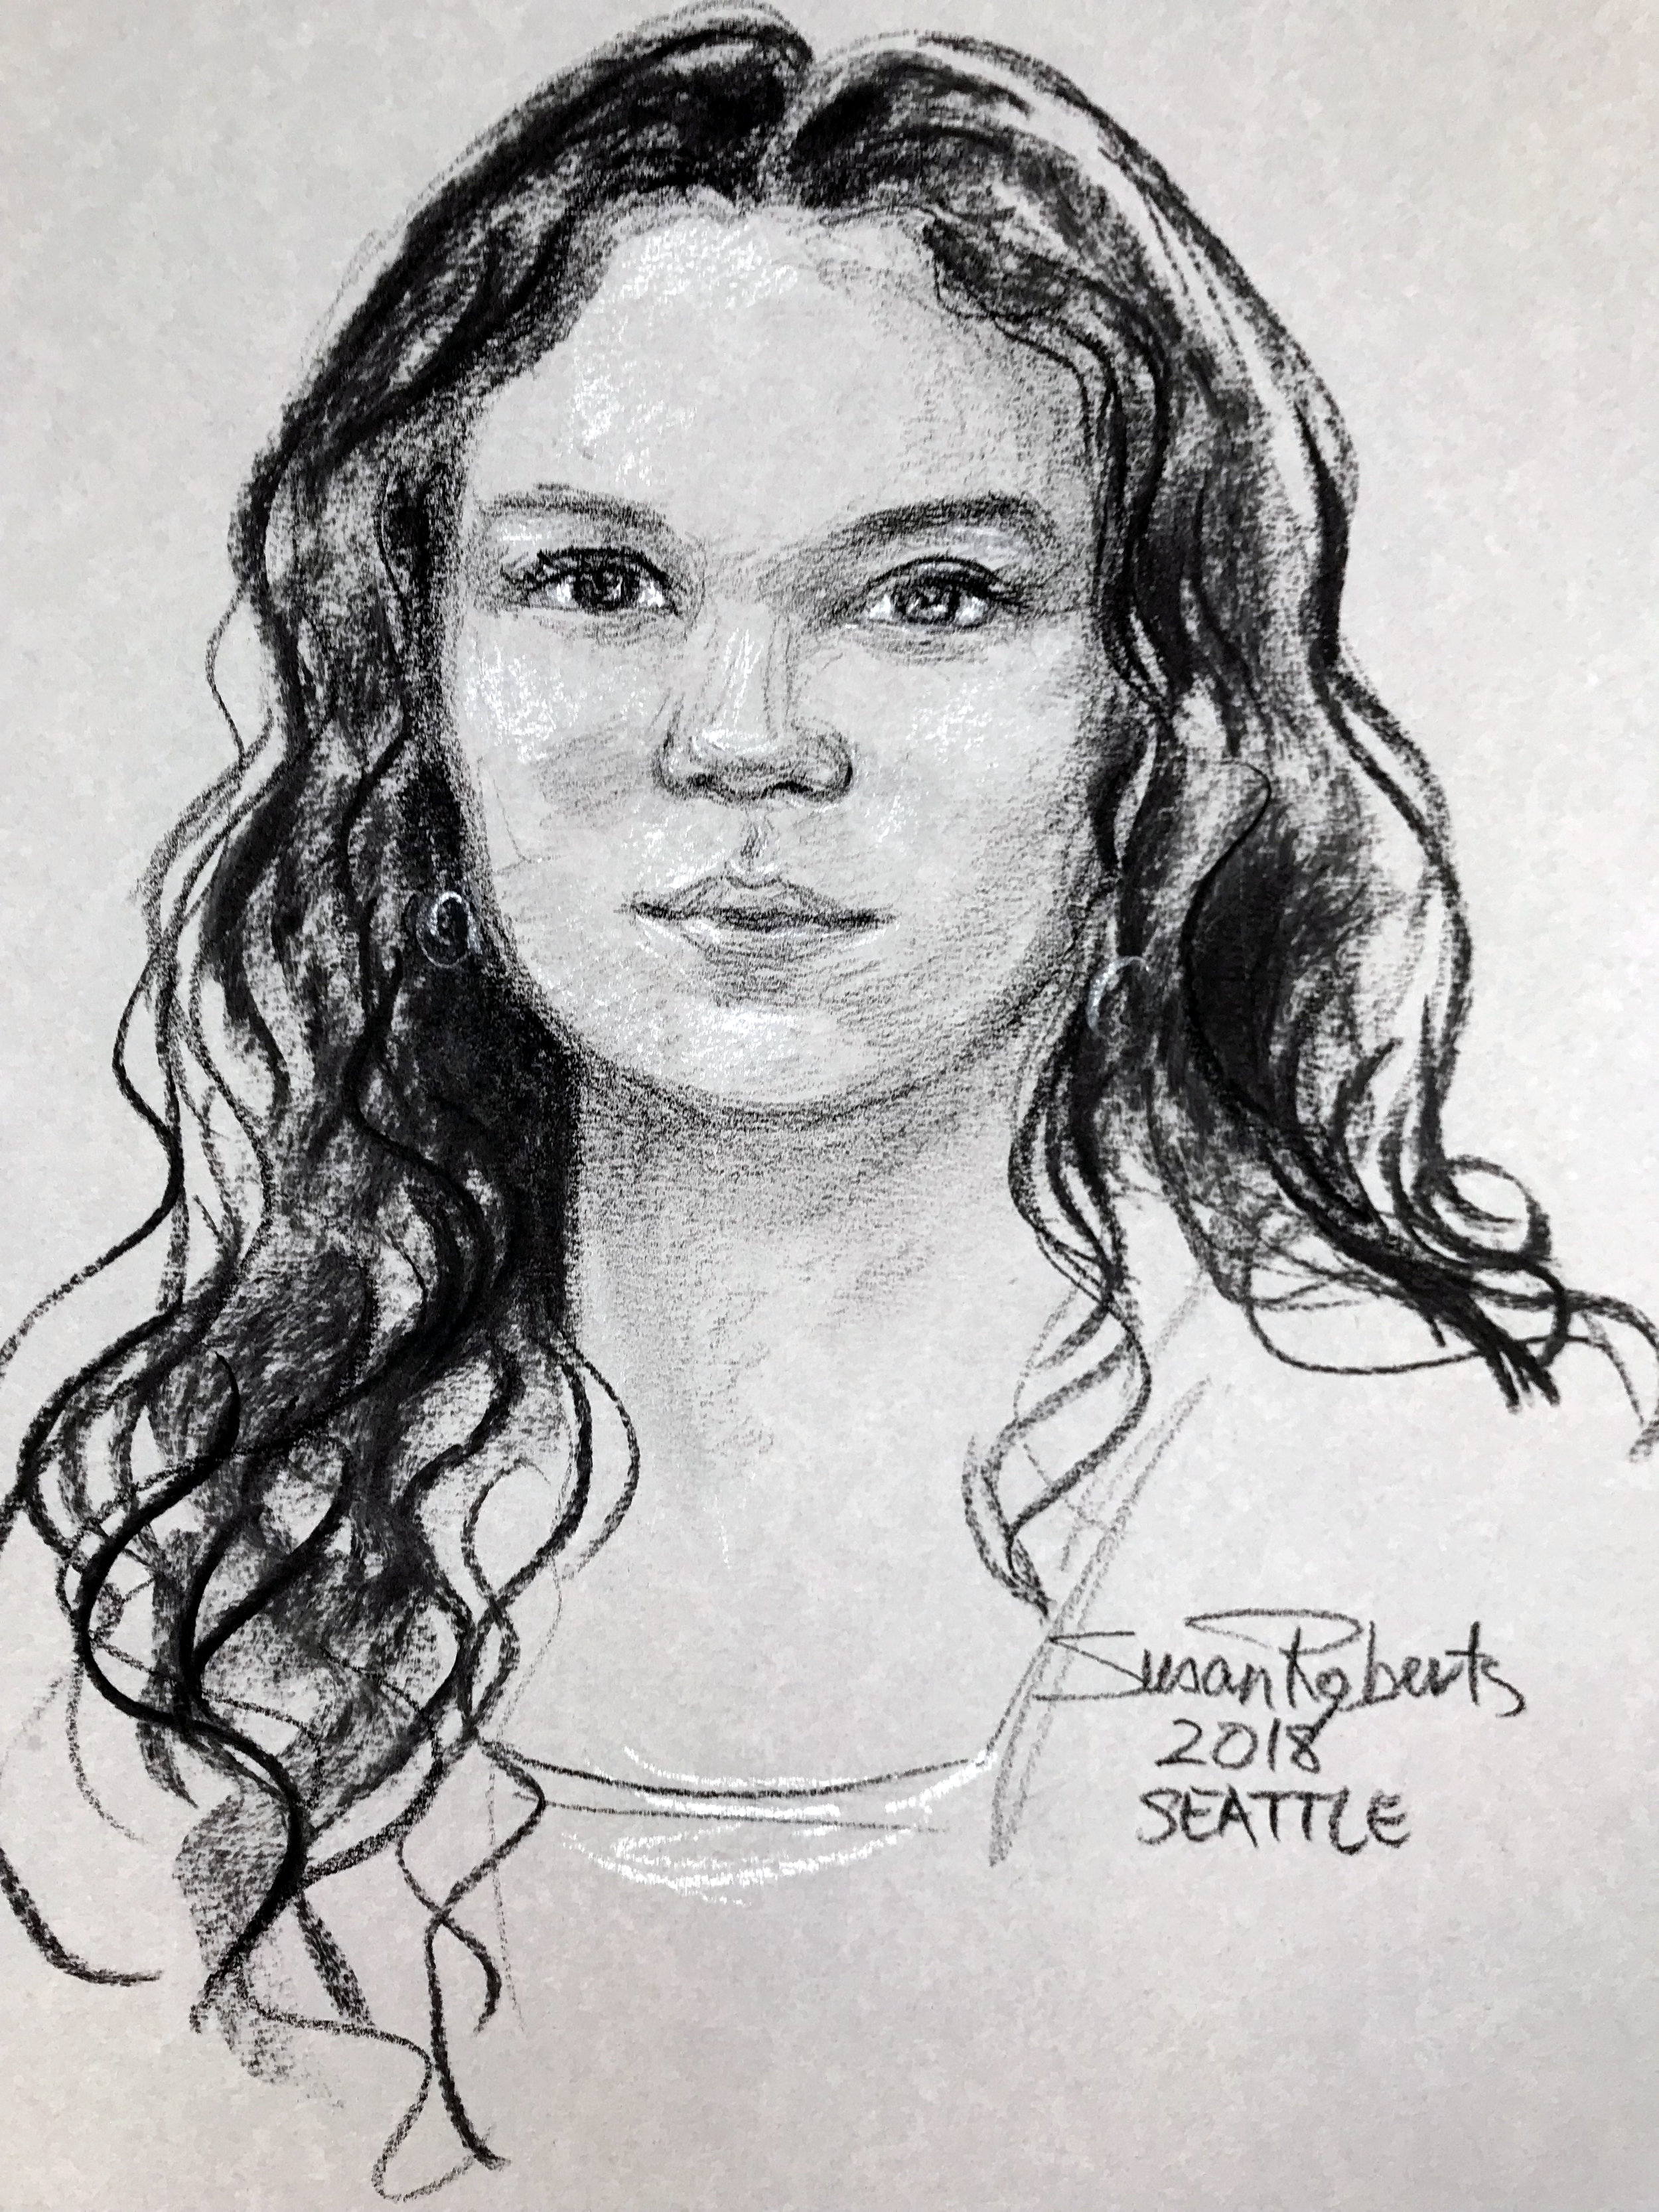 Conte crayon portrait on grey paper